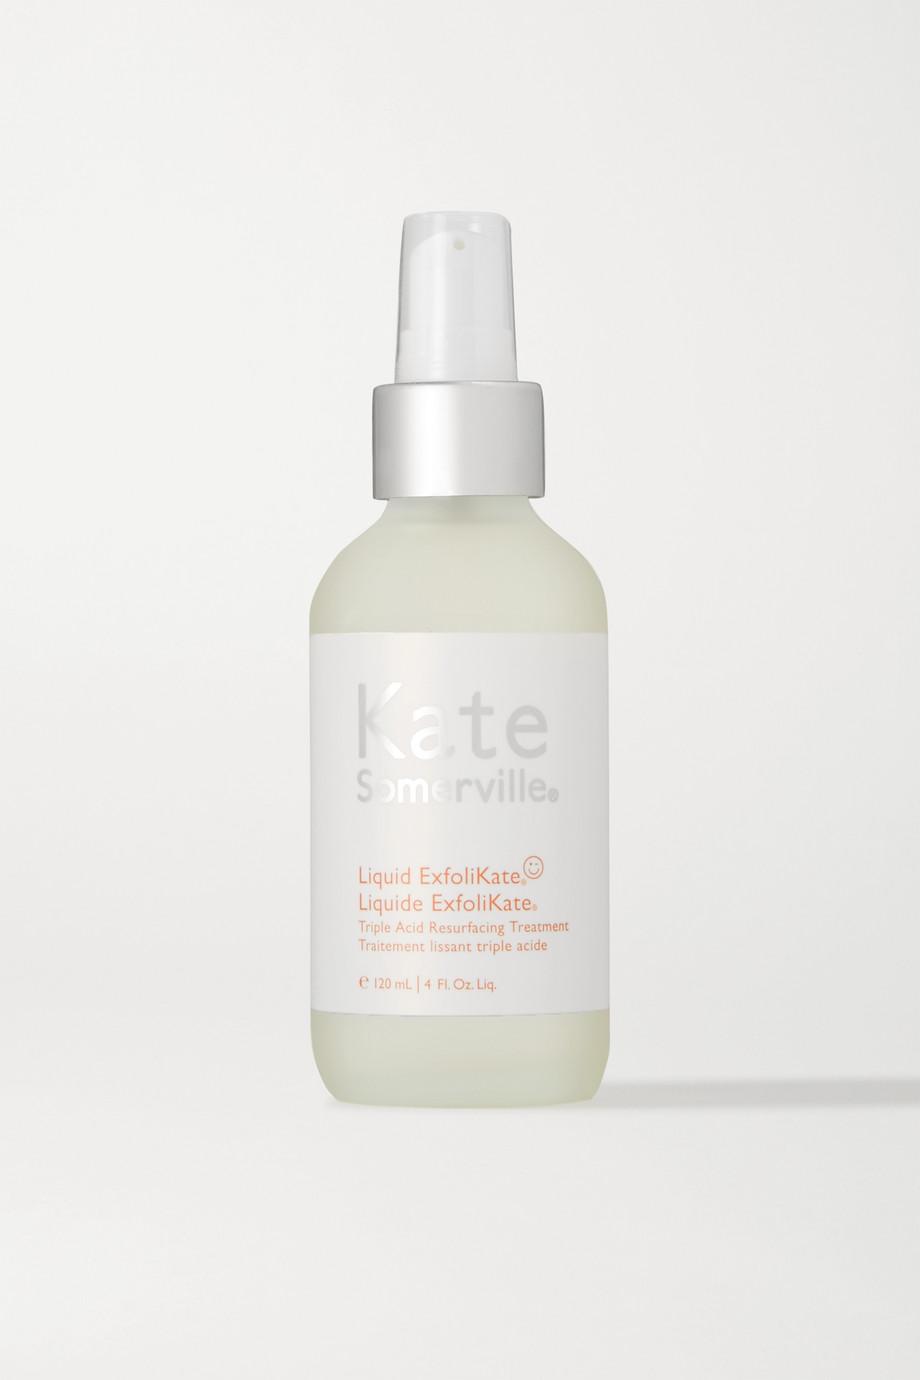 Kate Somerville Liquid ExfoliKate Triple Acid Resurfacing Treatment, 120ml